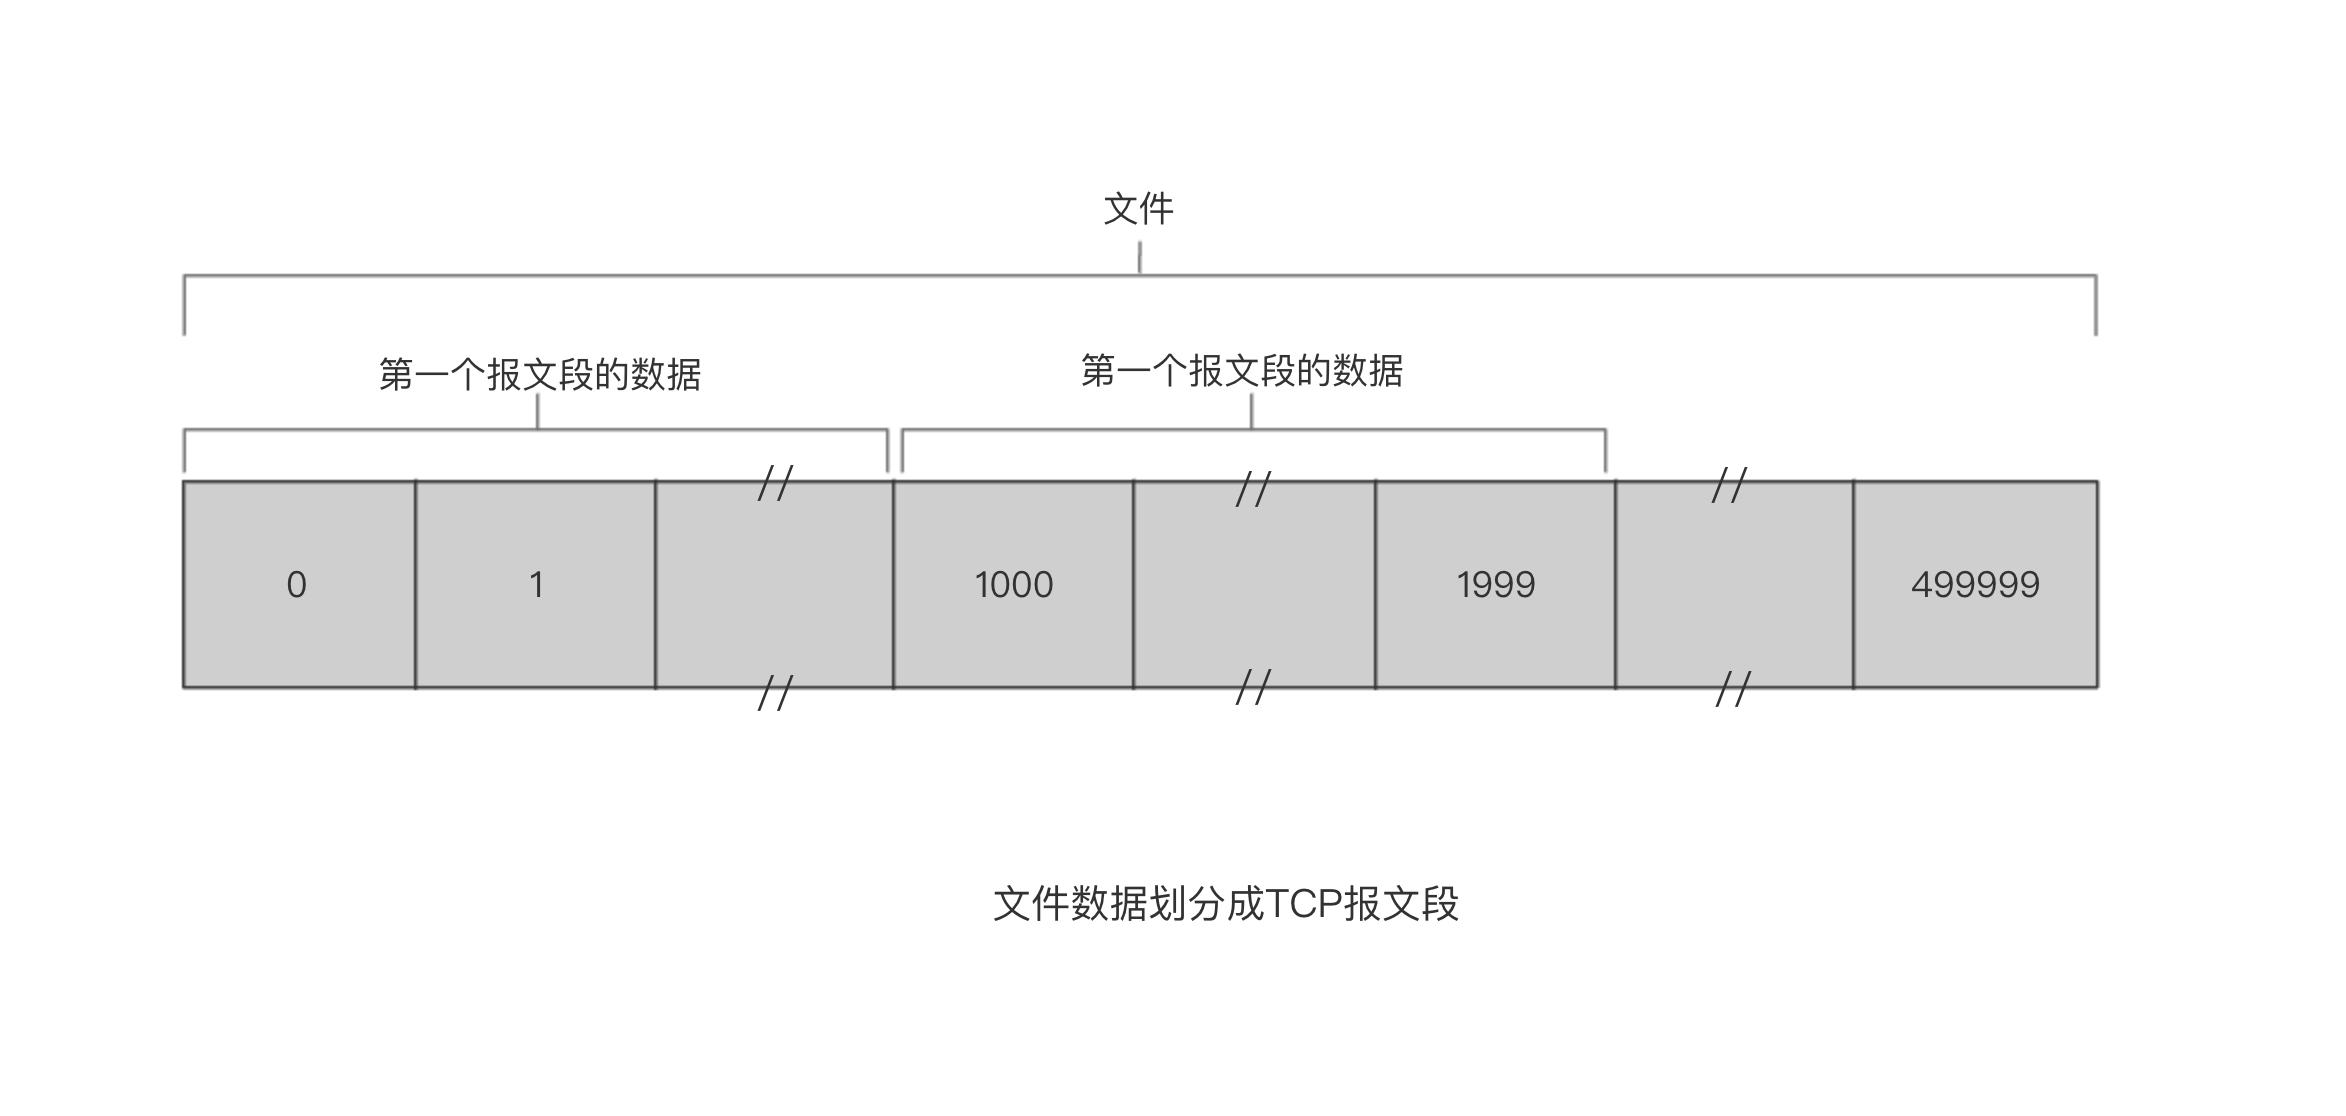 文件数据划分成TCP报文段